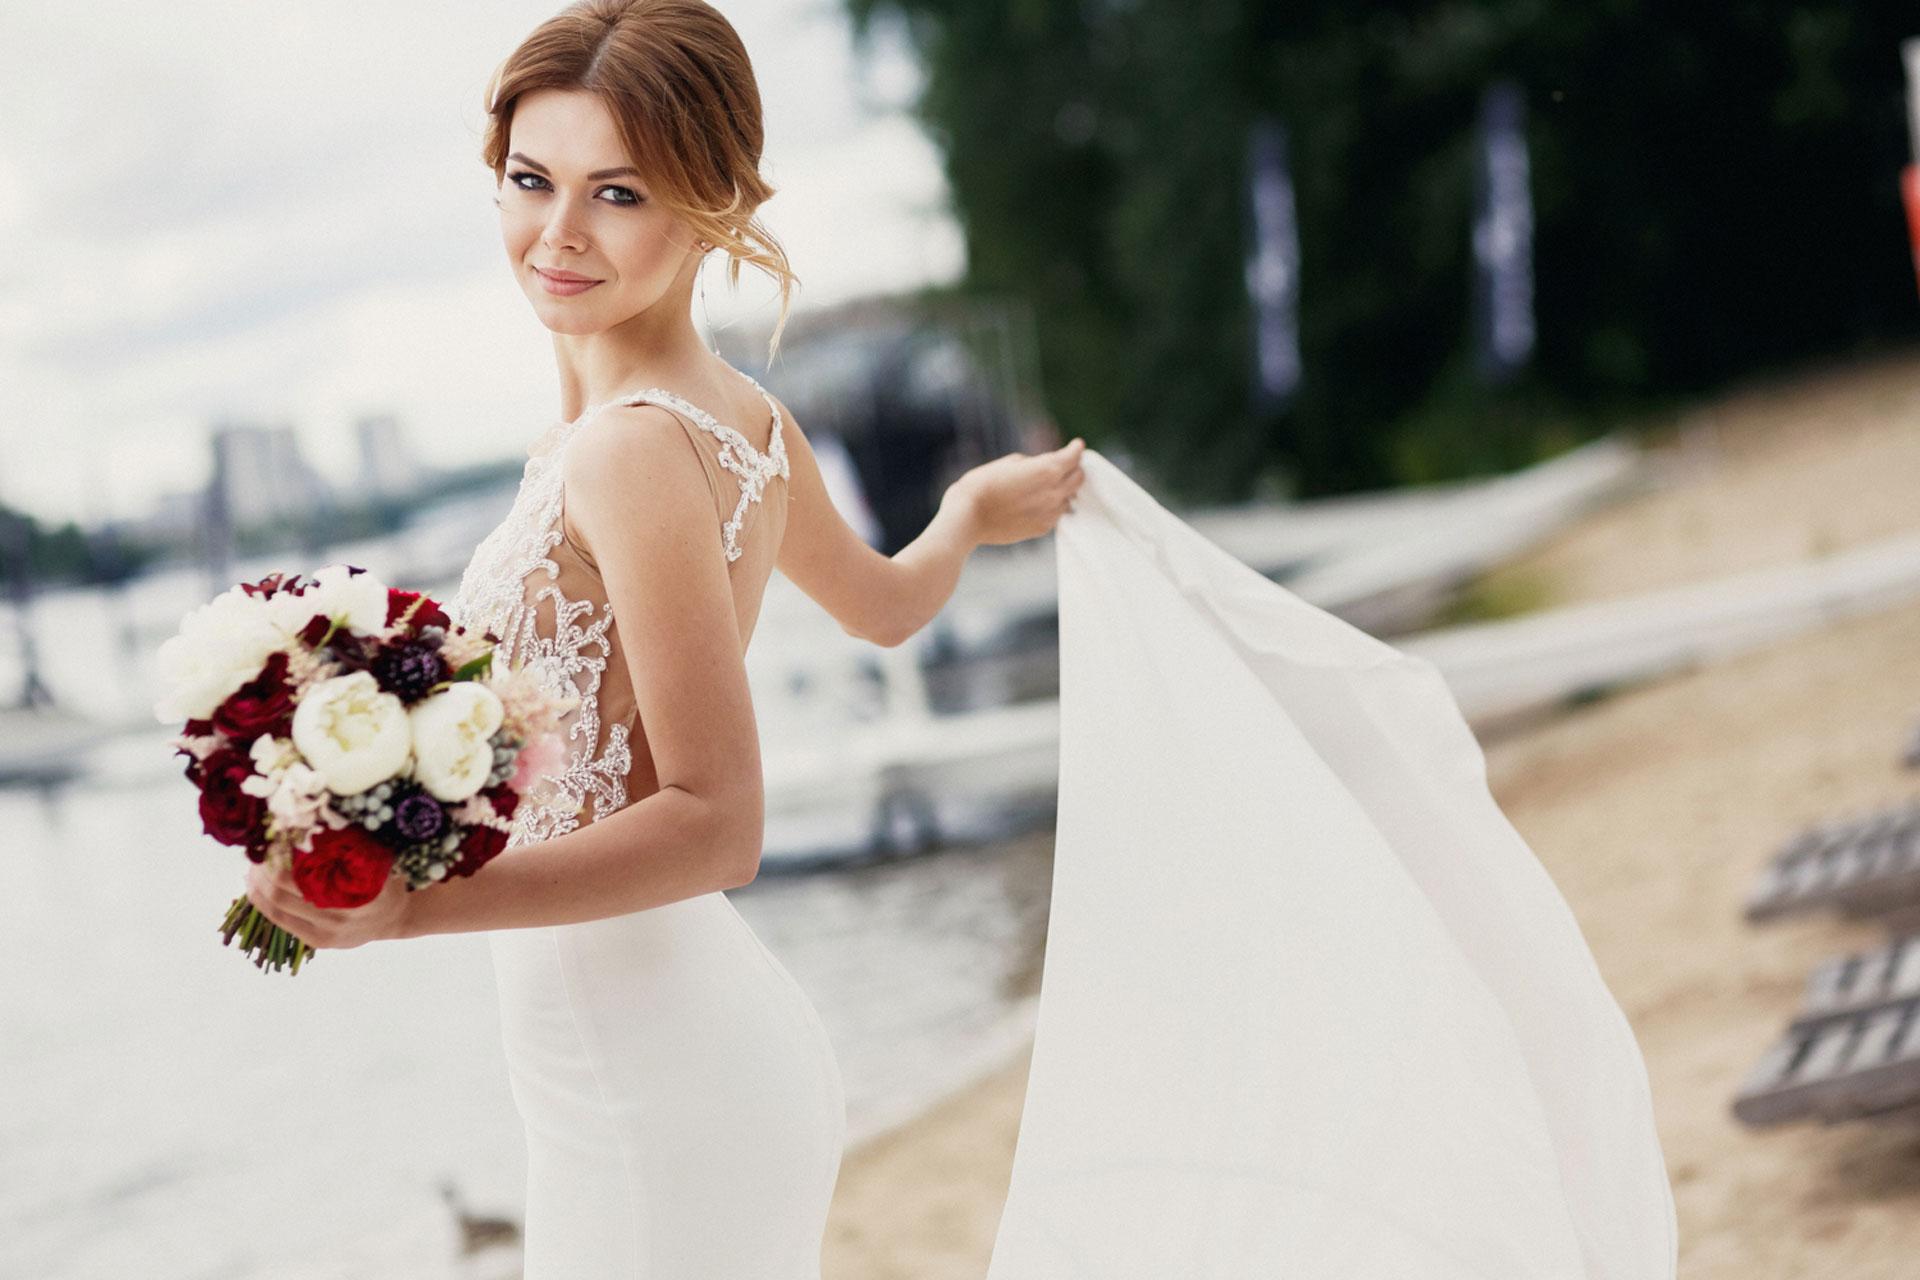 В цвете марсала. Свадьба Тимура и Екатерины фото 1